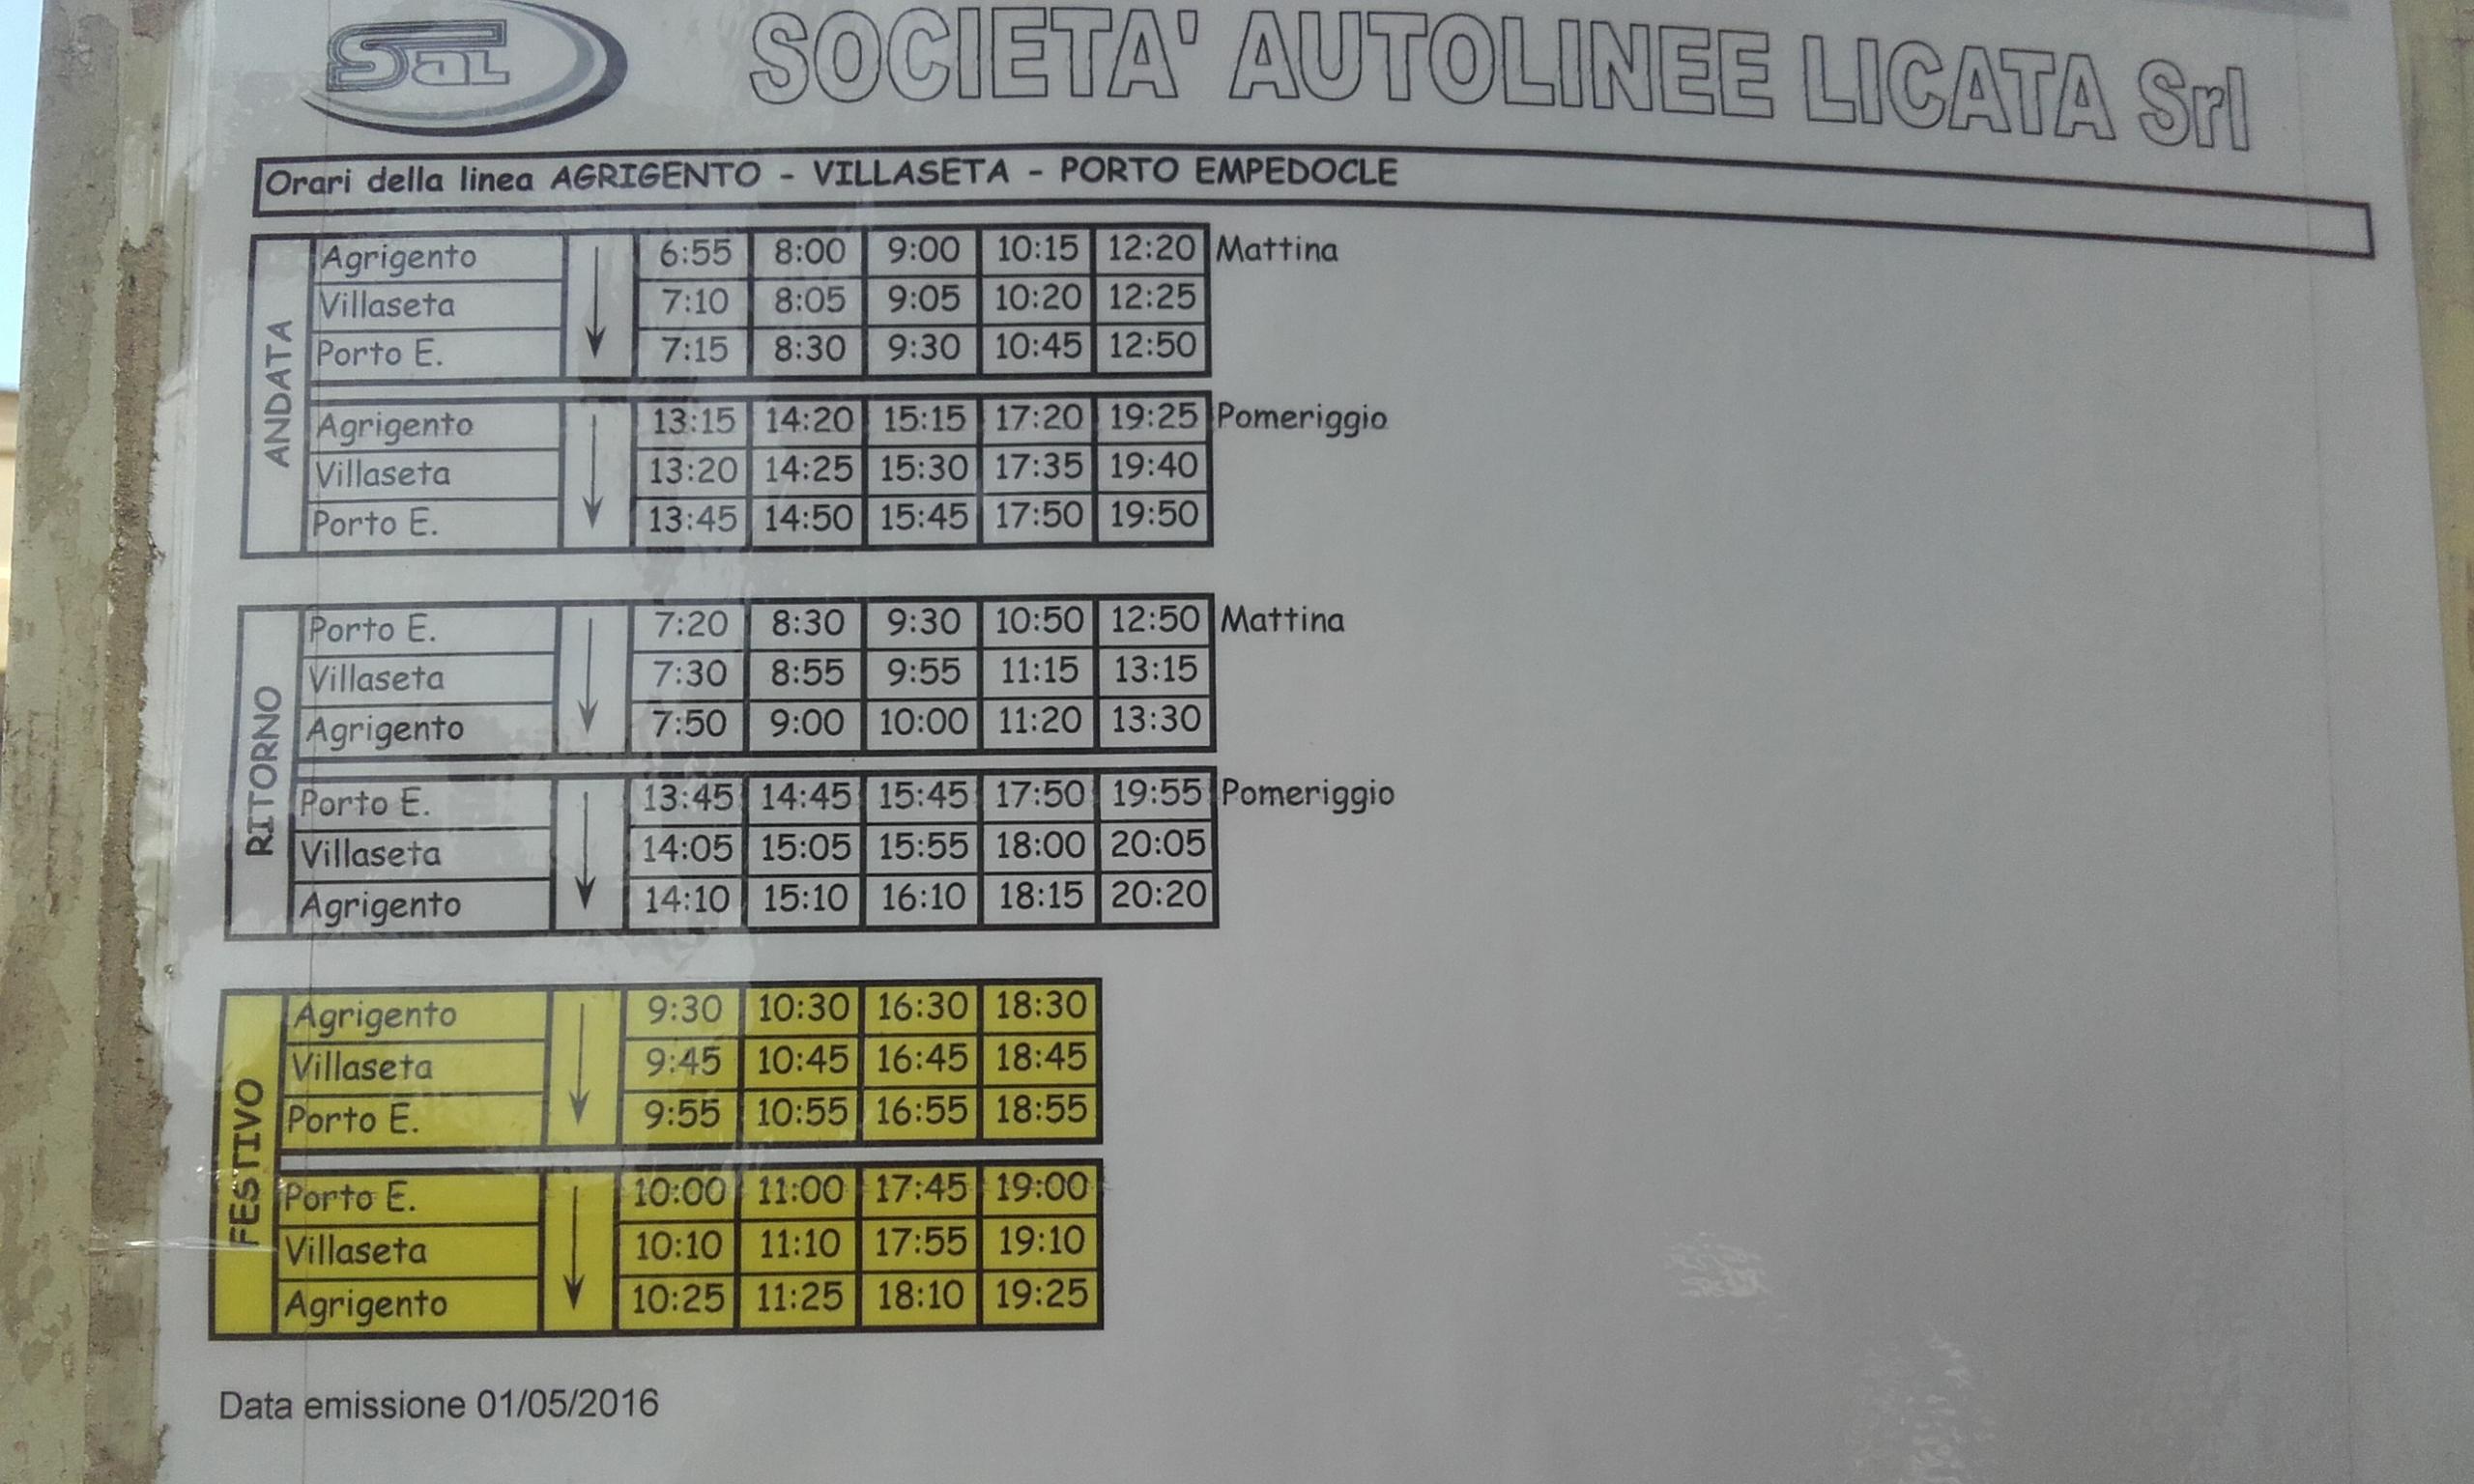 Los horarios del autobús de Agrigento a Porto Empedocle, y viceversa.